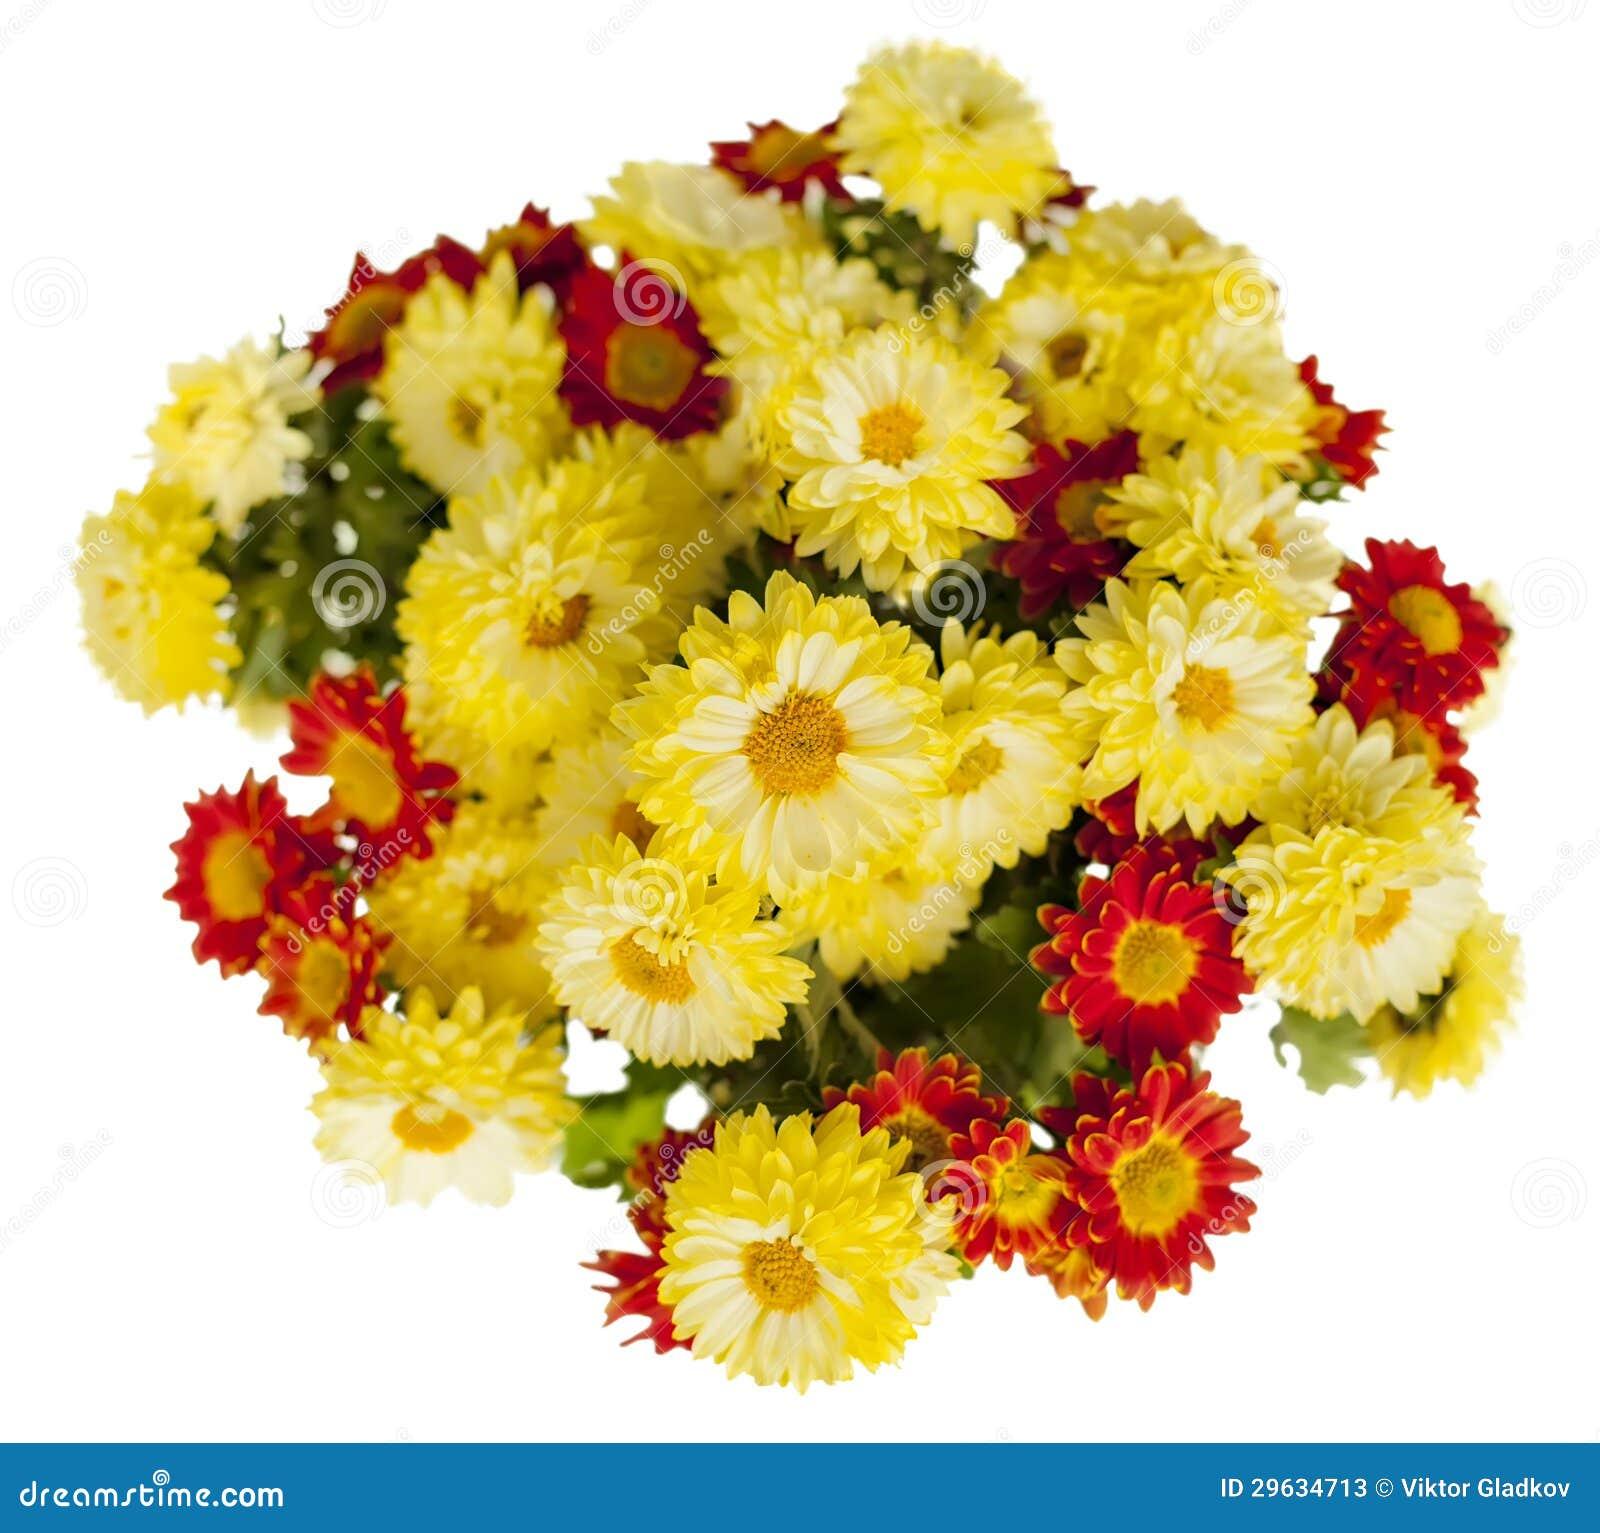 Ramo de la flor